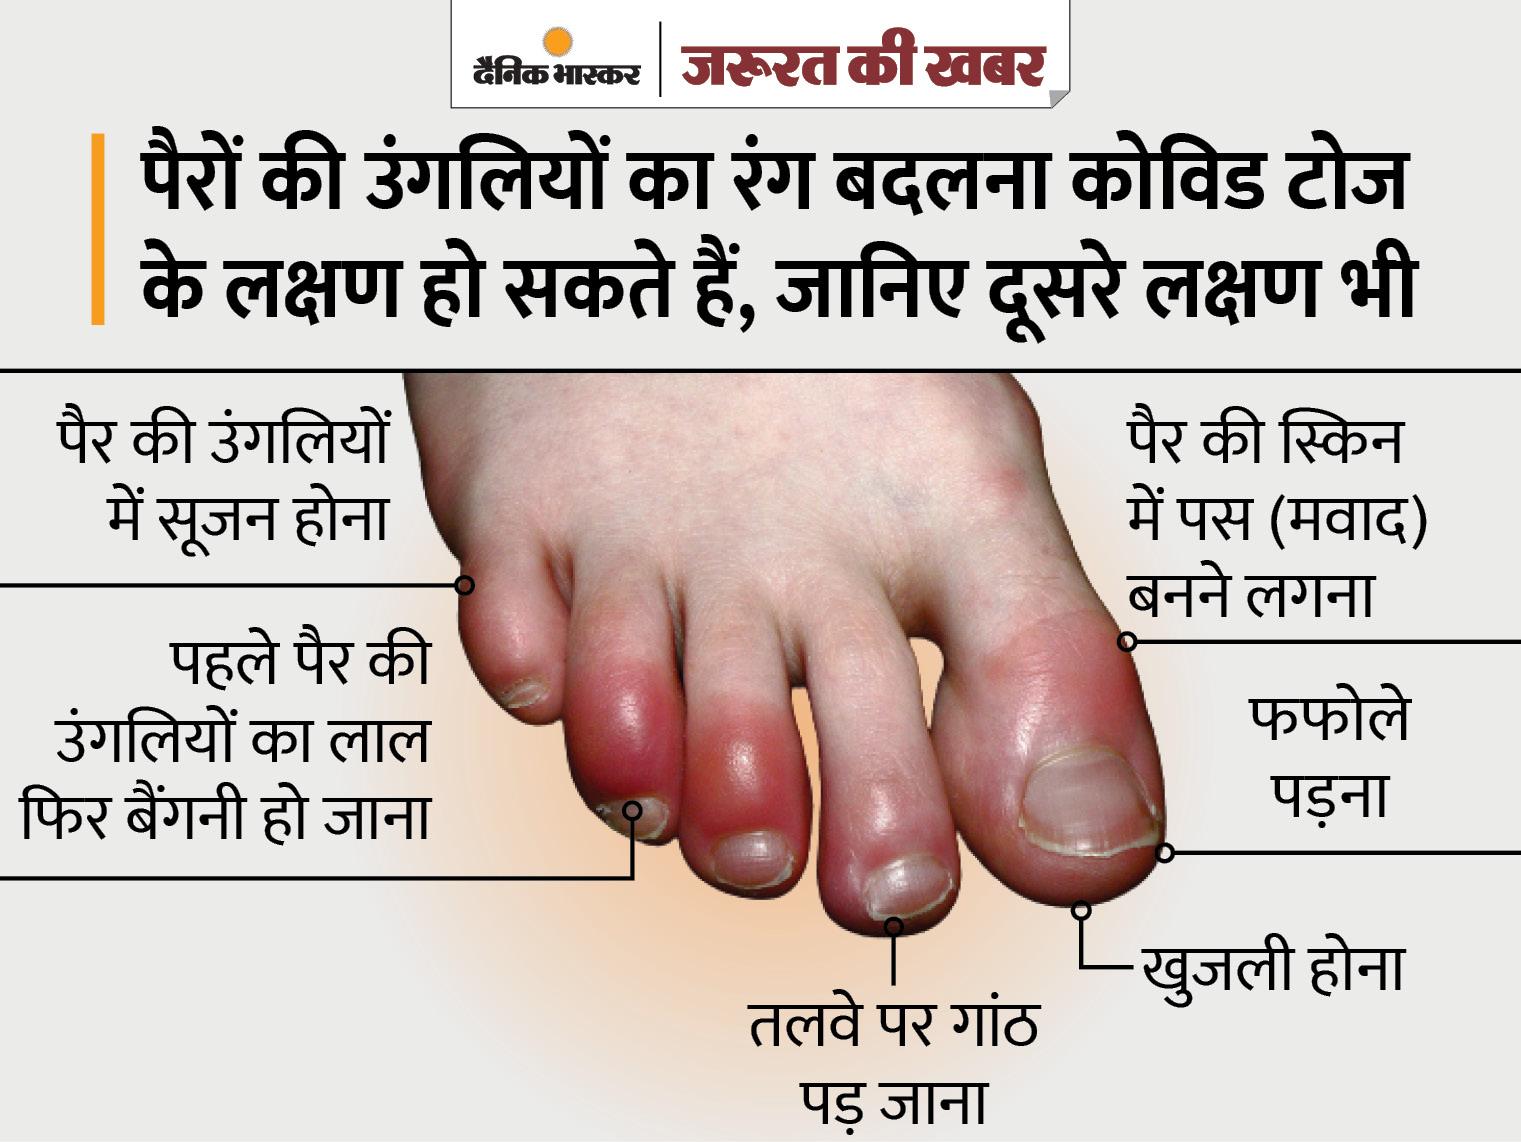 तेरह साल की सोफिया की उंगलियों में अल्सर हुआ, सूजन के साथ फफोले पड़े; जानिए क्या है कोविड टोज और इसके लक्षण|ज़रुरत की खबर,Zaroorat ki Khabar - Dainik Bhaskar